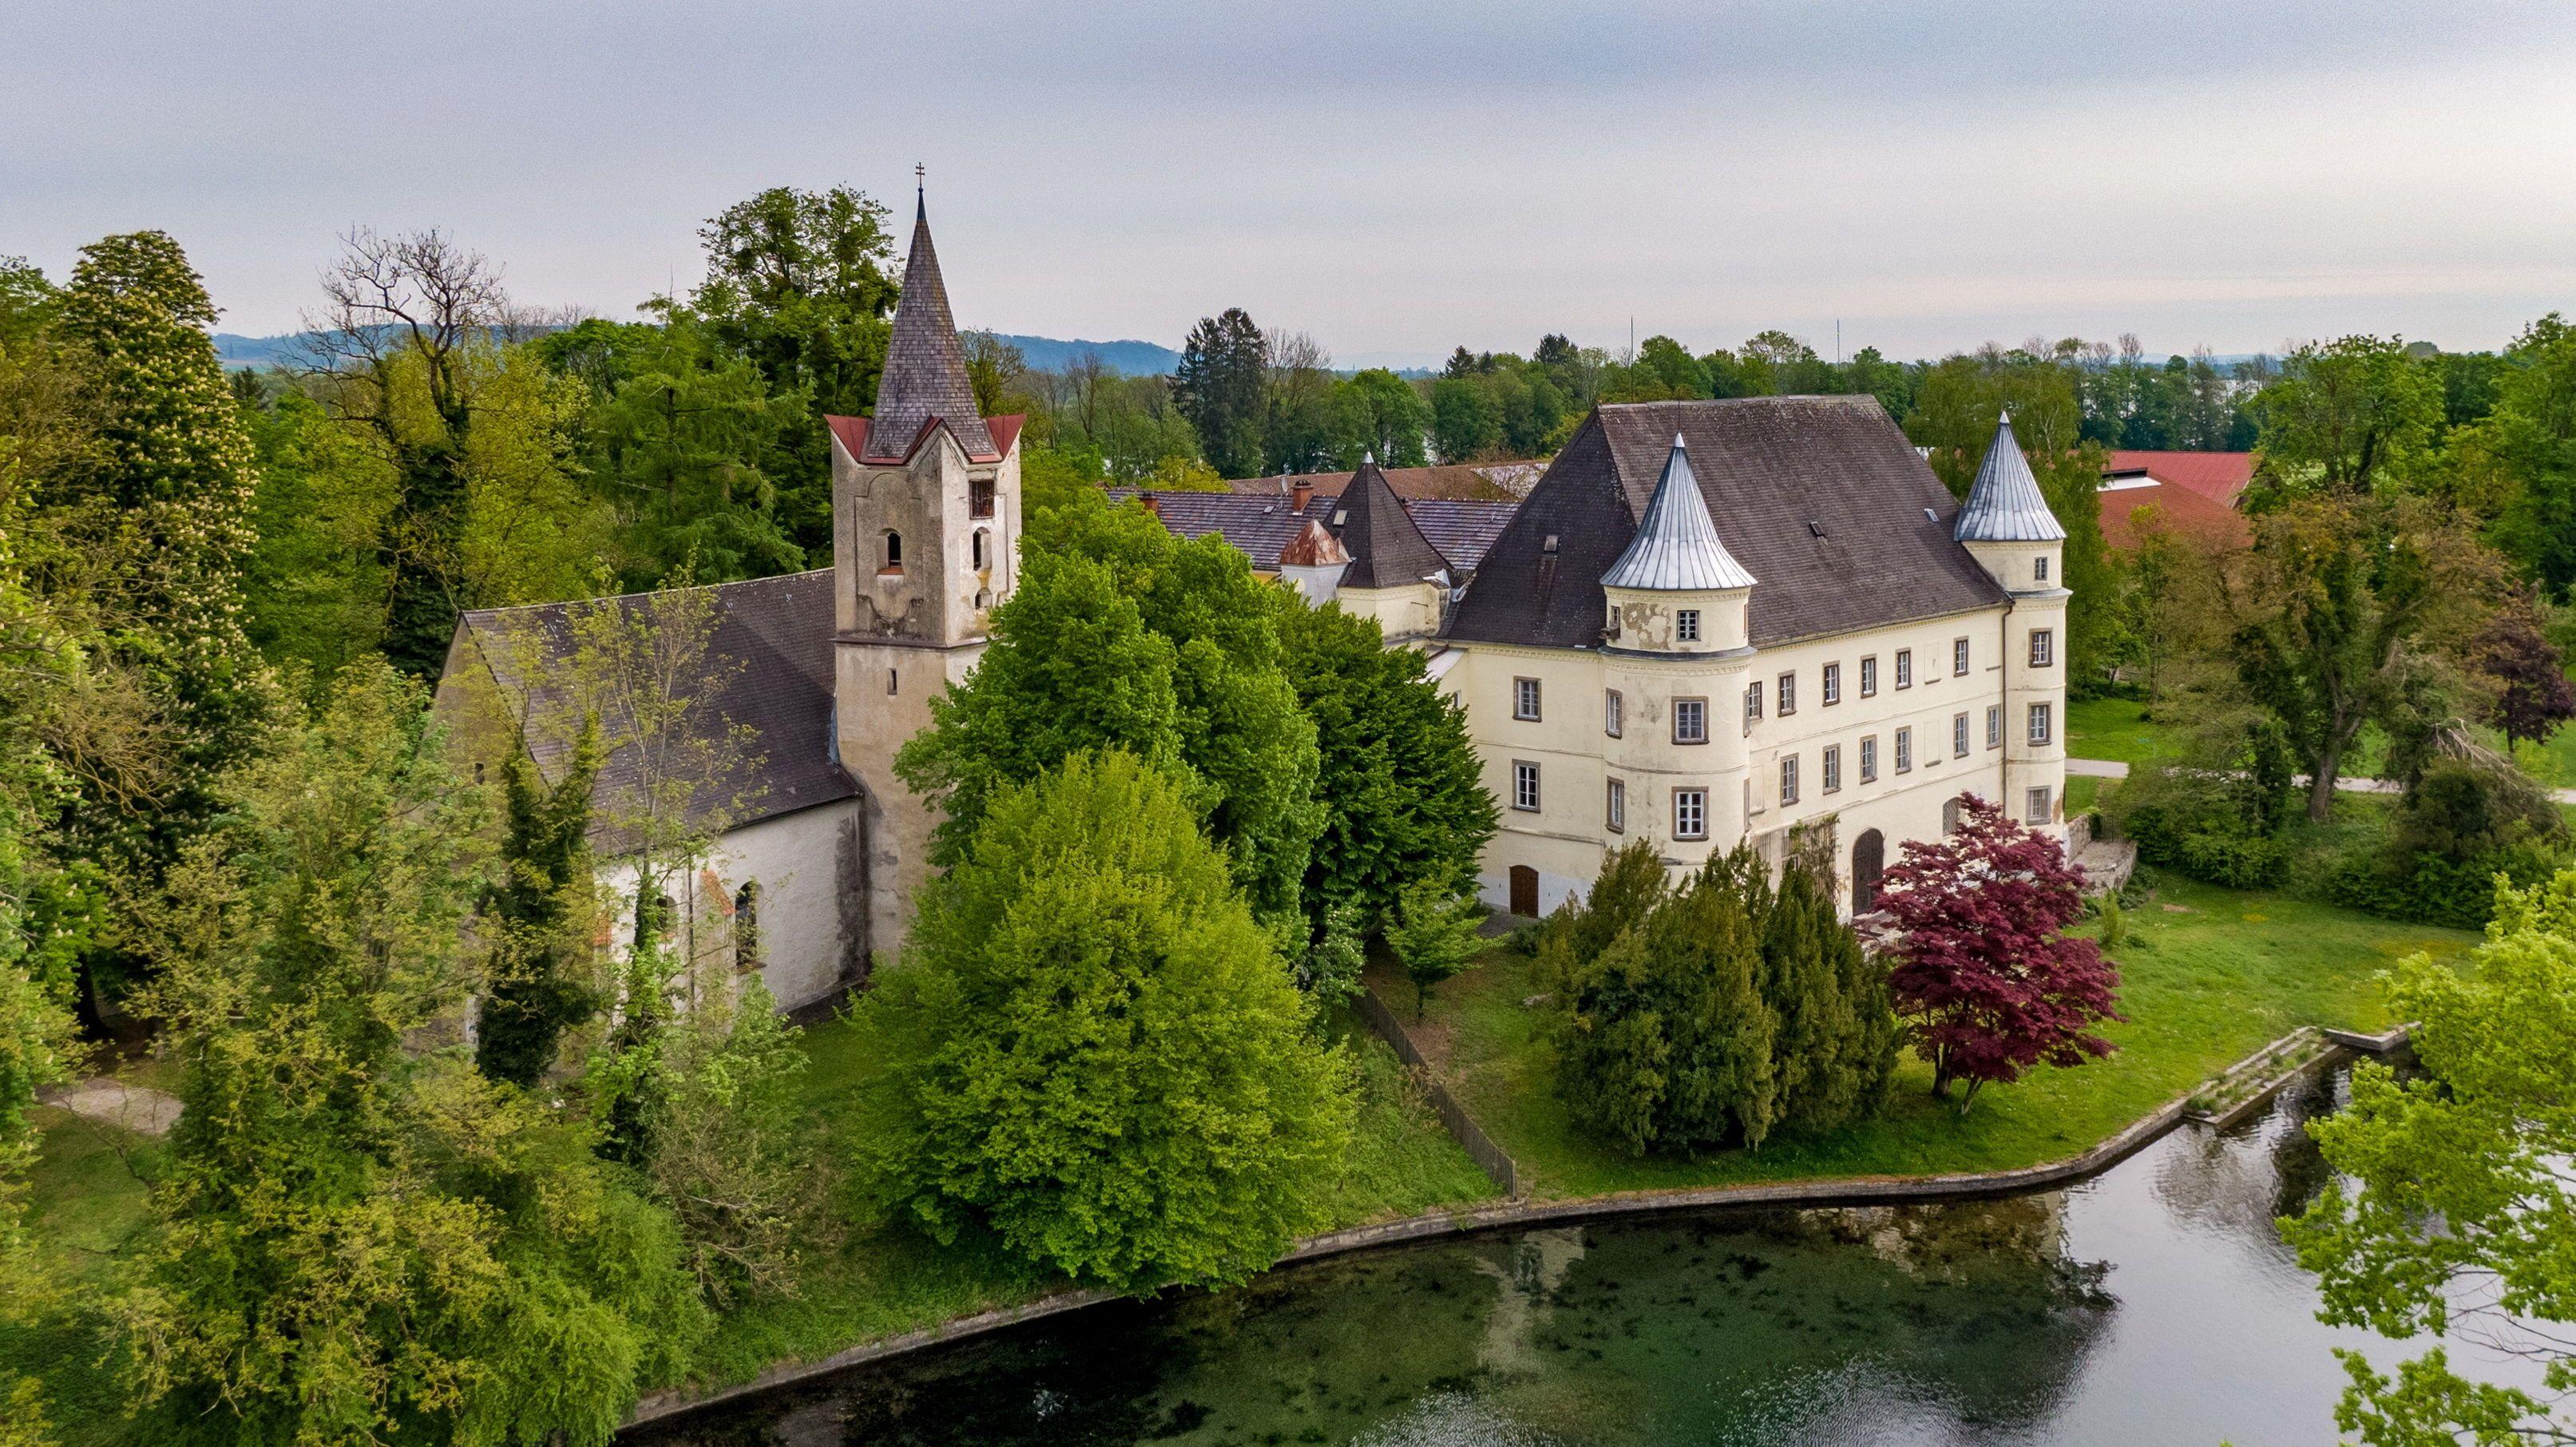 Renaissance-Pracht: Das Innviertler Wasserschloss wurde im 16. Jahrhundert erbaut.